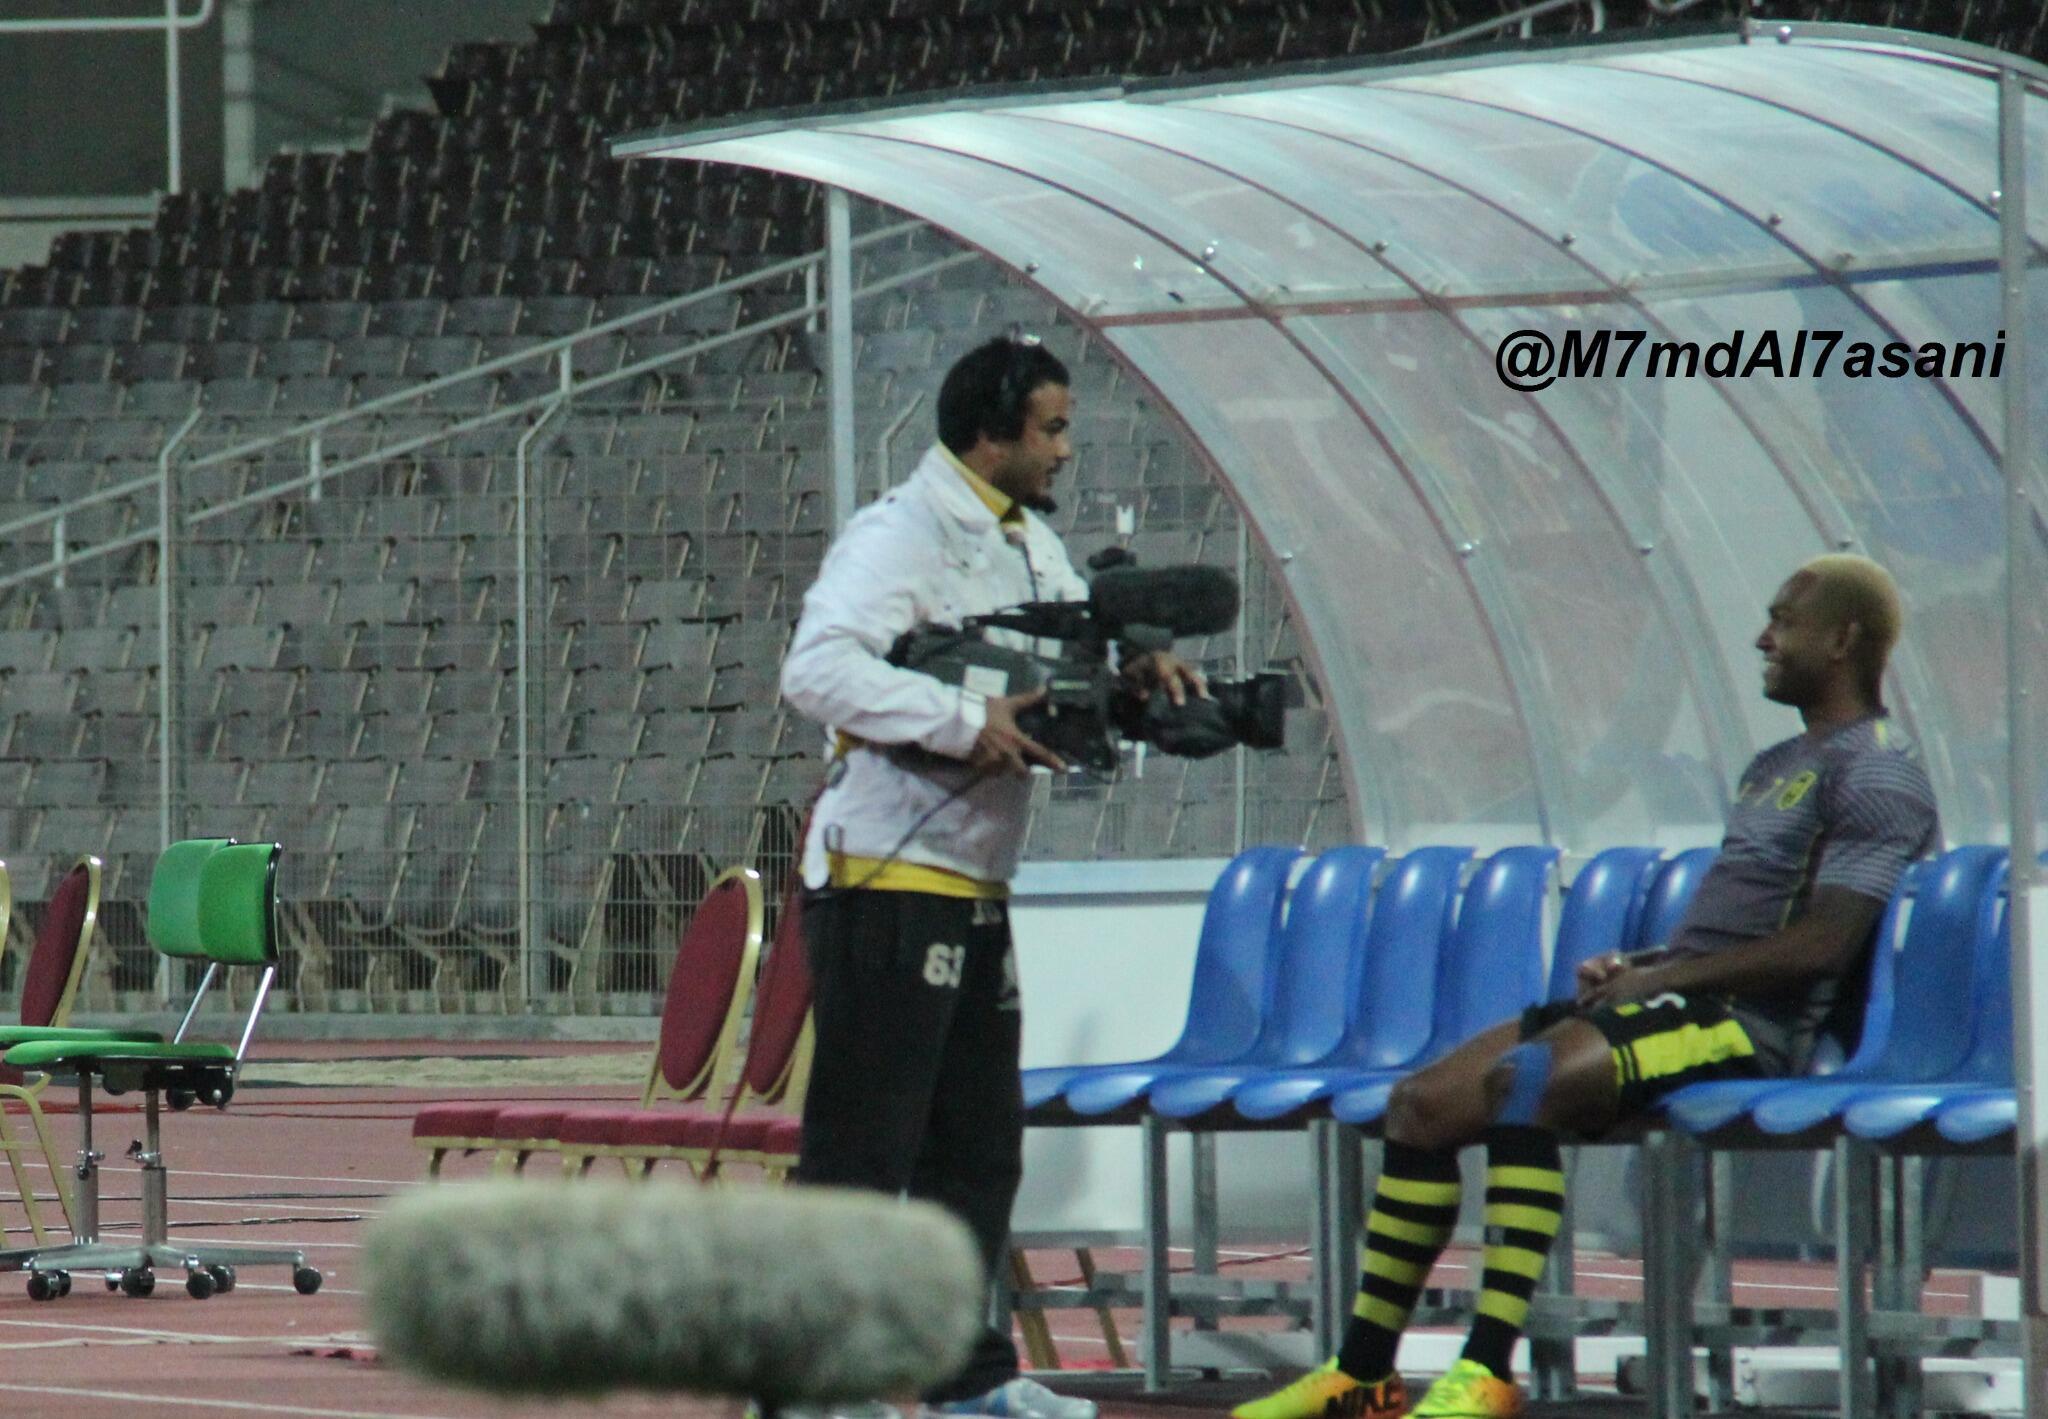 تصوير ارضية الملعب/ تغطية لمباراة